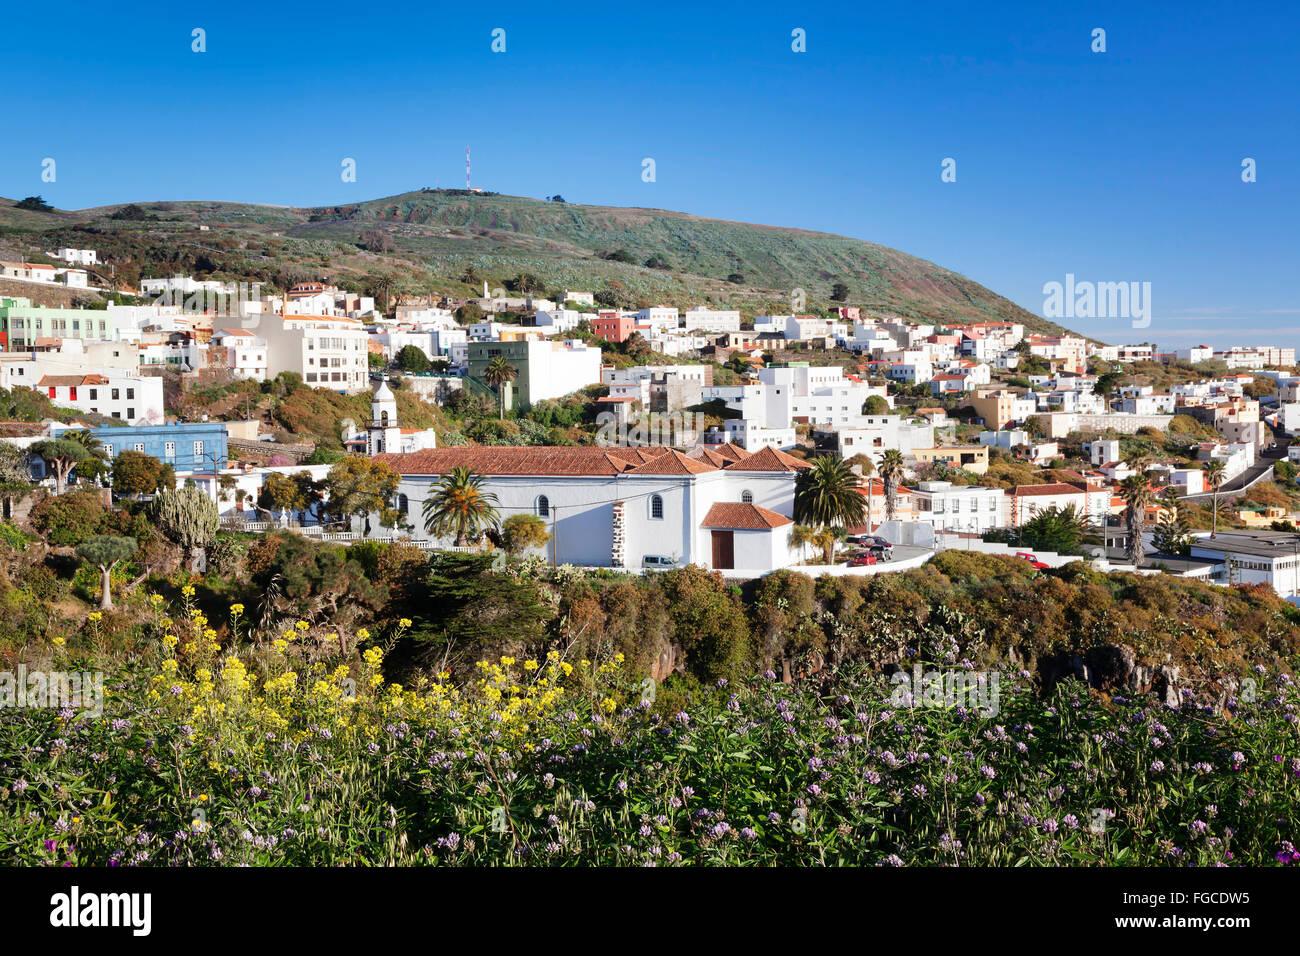 Valverde, El Hierro, Canary Islands, Spain Stock Photo